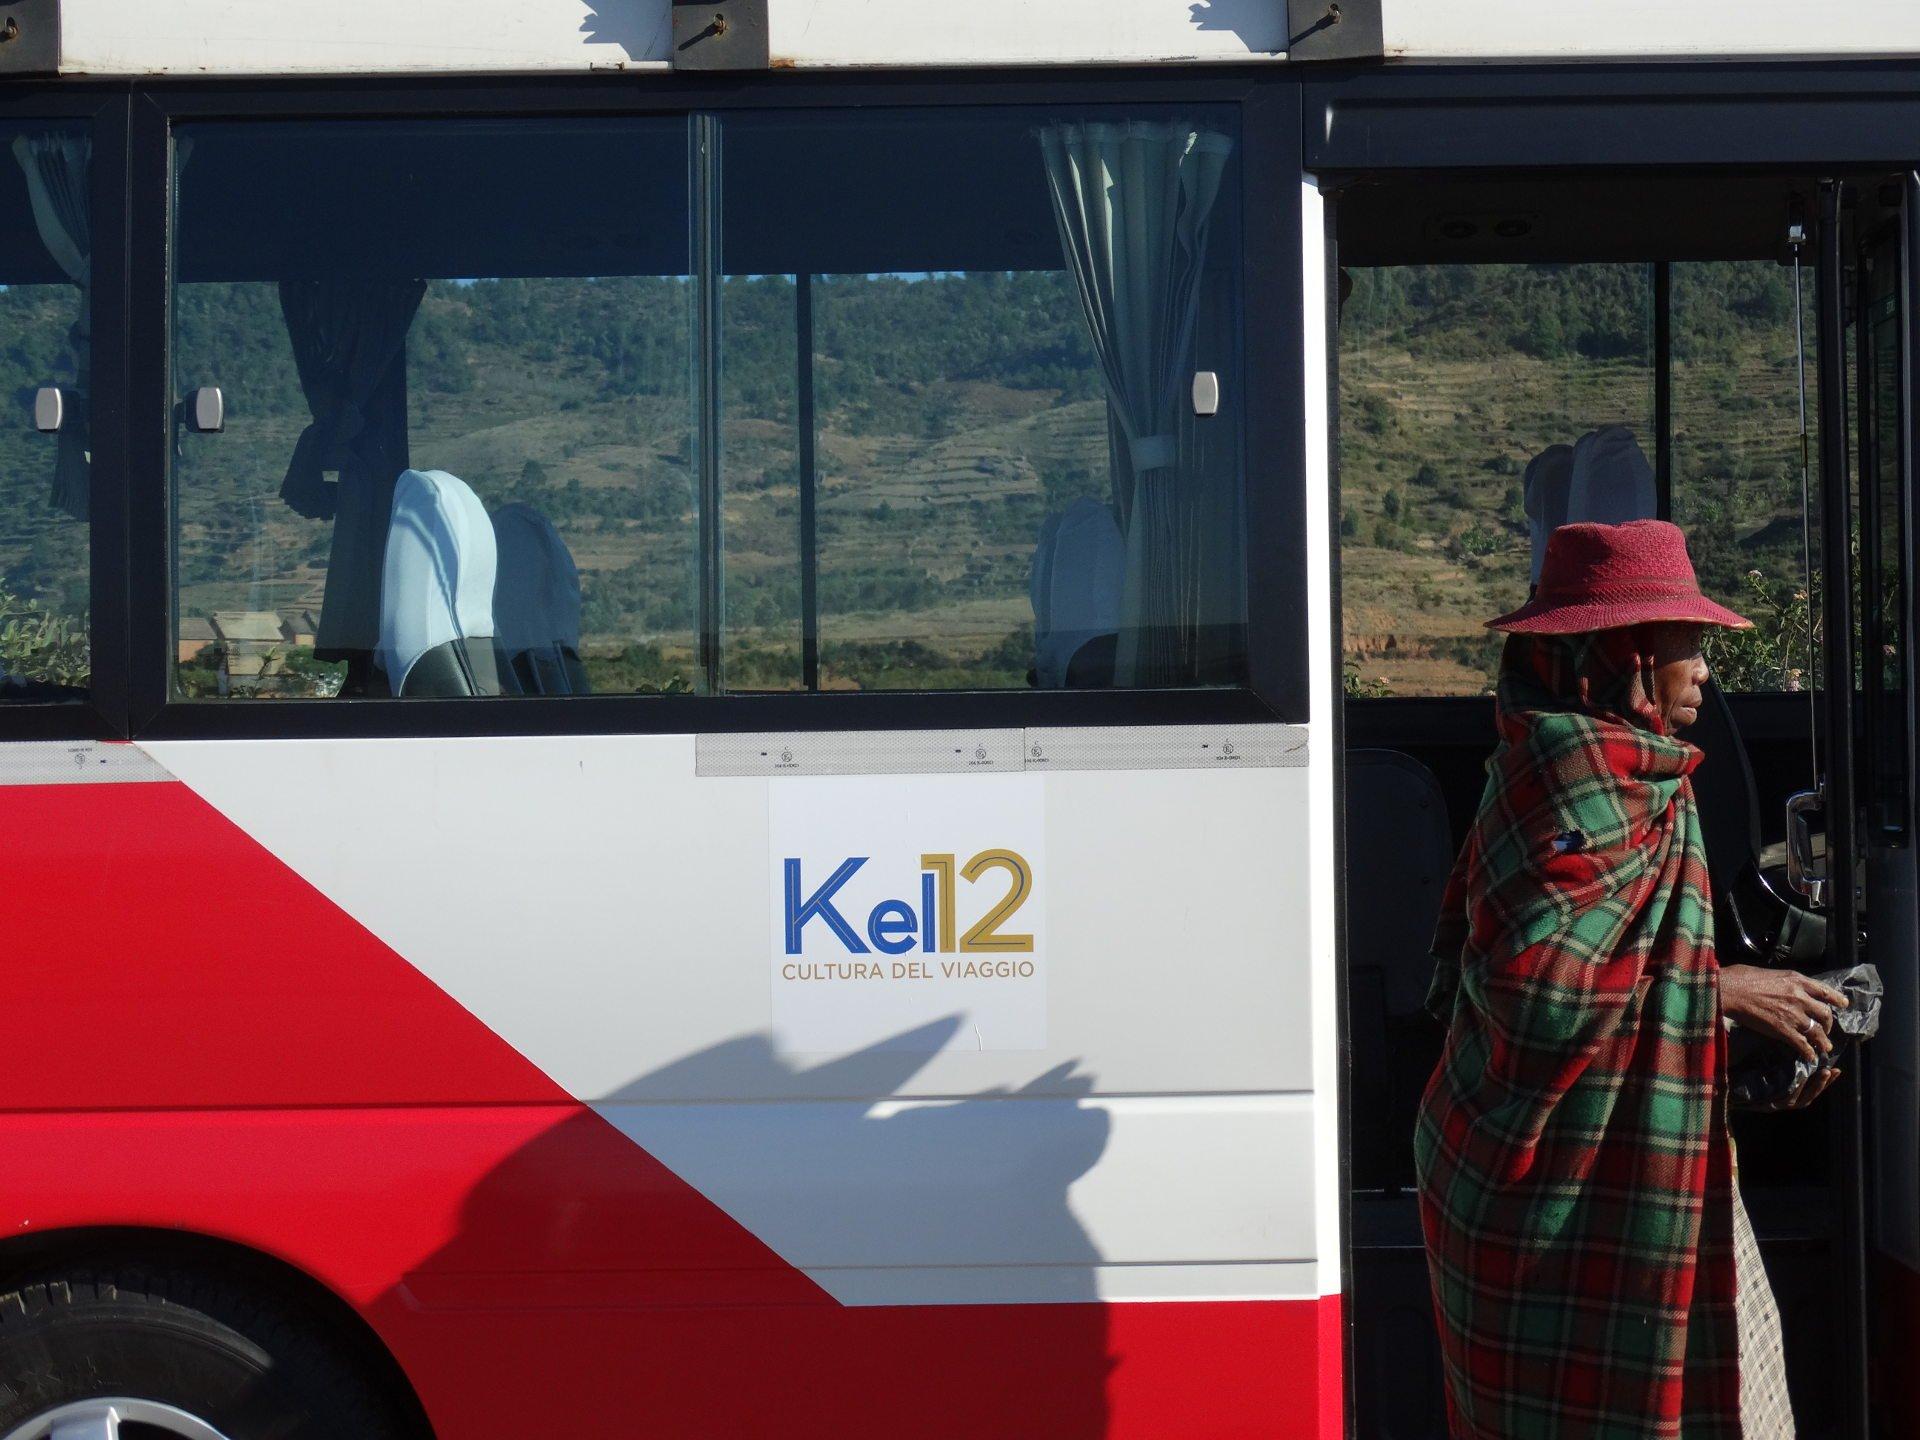 Kel 12 Calendario Viaggi.Kel 12 Cultura Del Viaggio